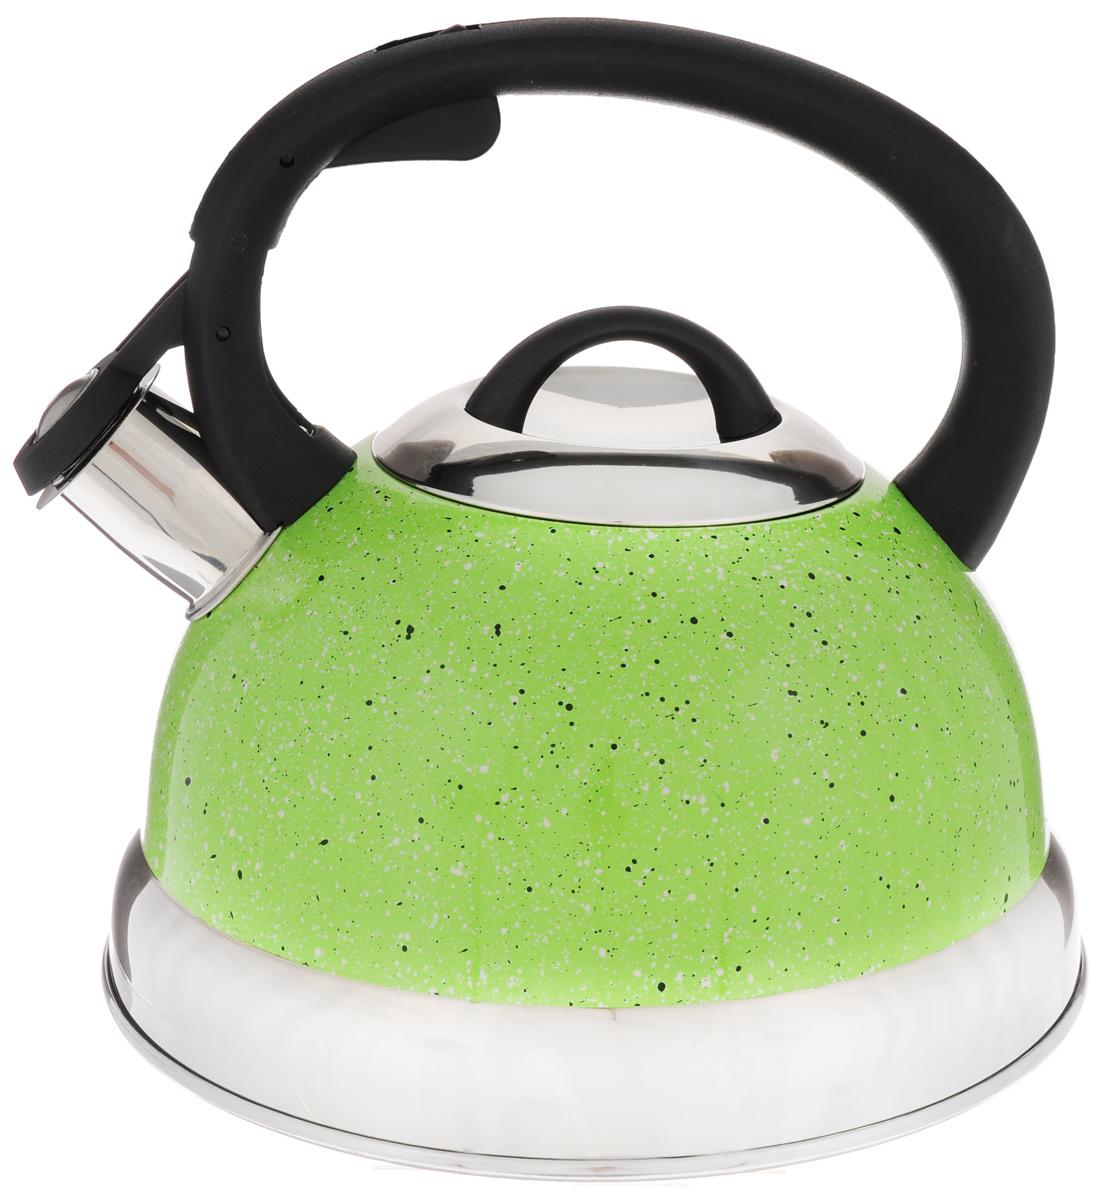 Чайник Mayer & Boch, со свистком, цвет: салатовый, 2,6 л. 25663115610Чайник со свистком Mayer & Boch изготовлен из высококачественной нержавеющей стали, что обеспечивает долговечность использования. Носик чайника оснащен откидным свистком, звуковой сигнал которого подскажет, когда закипит вода. Фиксированная ручка, изготовленная из пластика, снабжена клавишей для открывания носика, что делает использование чайника очень удобным и безопасным.Чайник Mayer & Boch - качественное исполнение и стильное решение для вашей кухни. Подходит для всех типов плит, включая индукционные. Можно мыть в посудомоечной машине. Высота чайника (с учетом ручки): 20,5 см.Диаметр чайника (по верхнему краю): 10 см.Диаметр основания: 21 см.